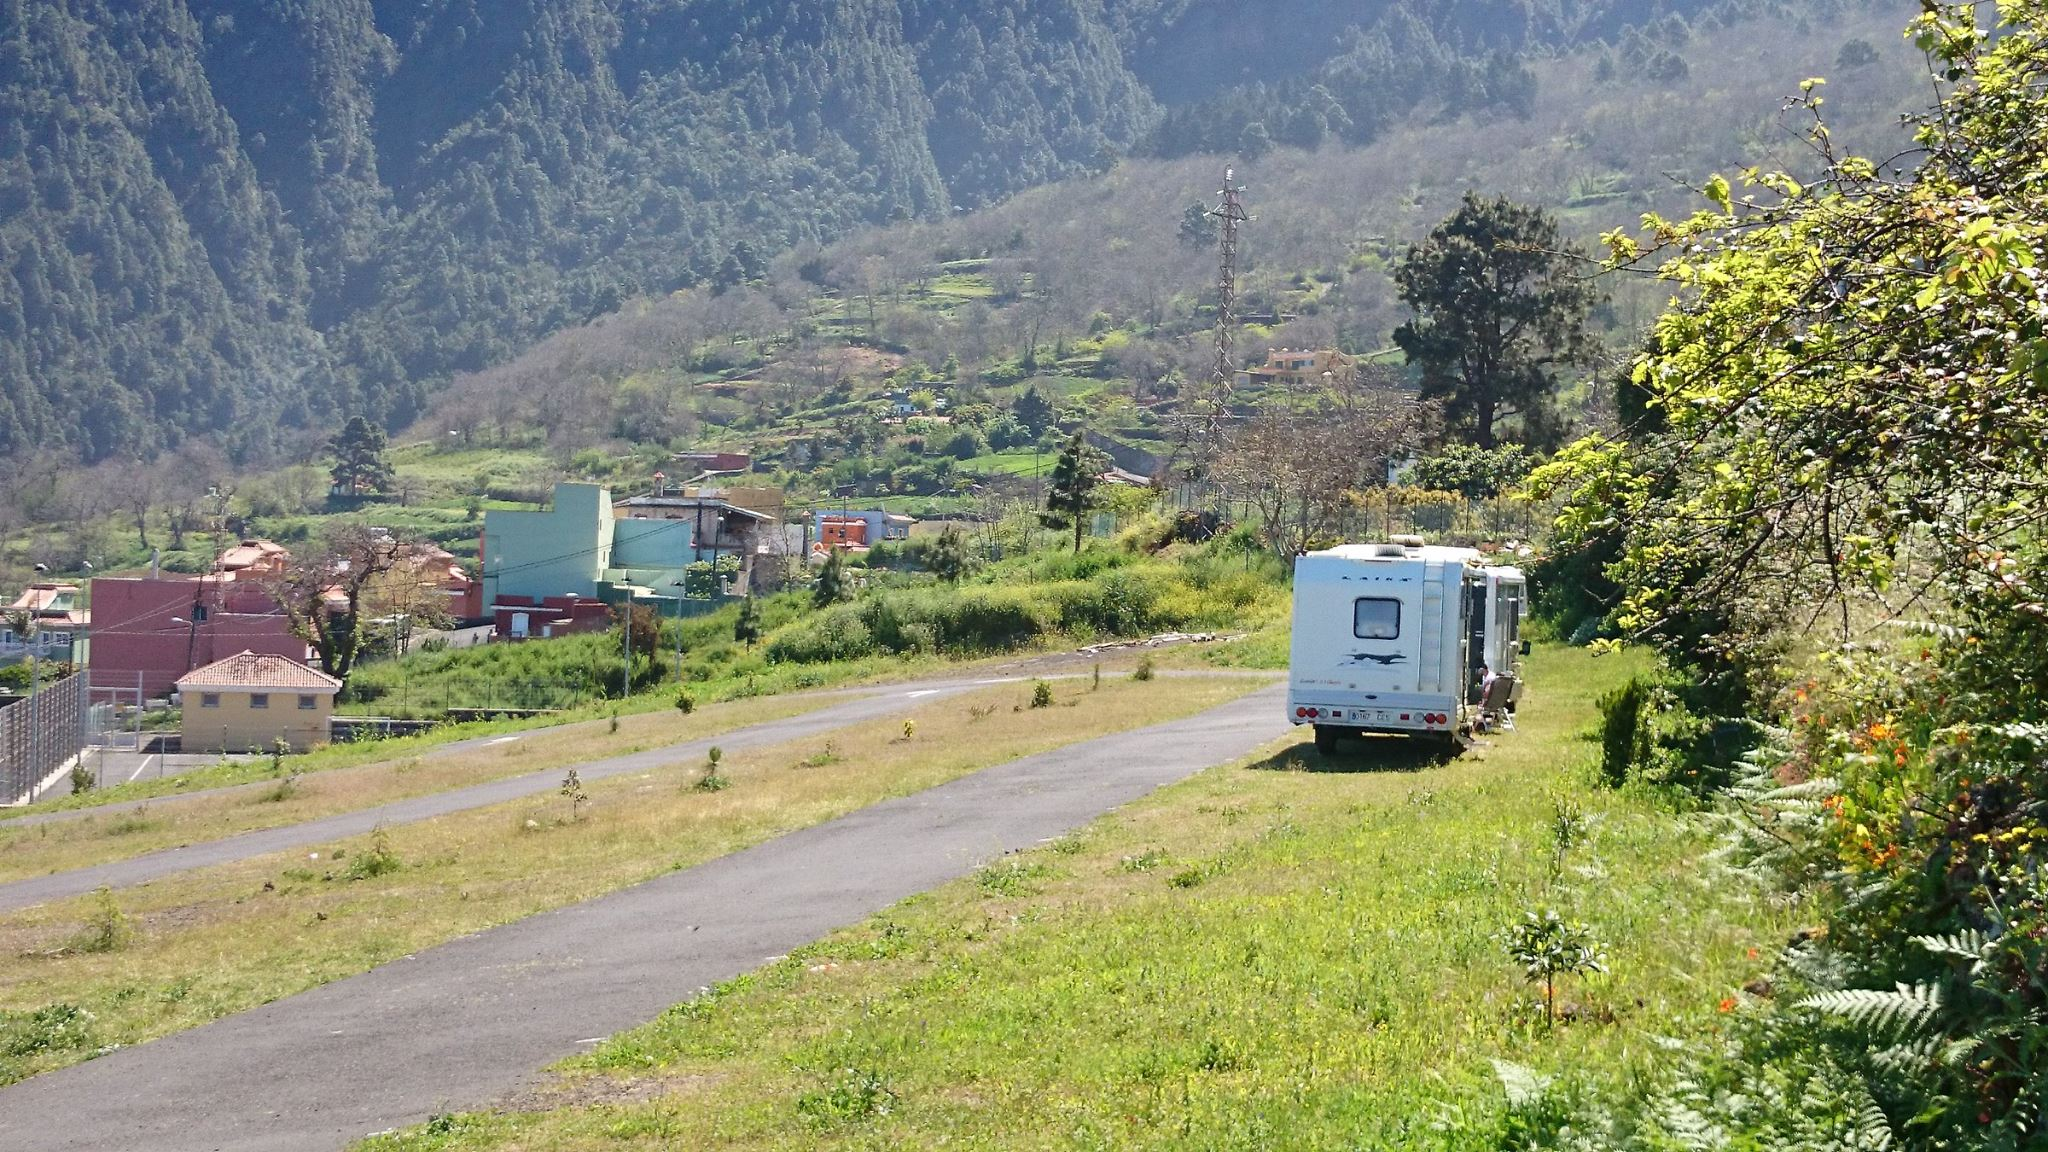 Caravanas 1 Museo Etnográfico Pinolere.